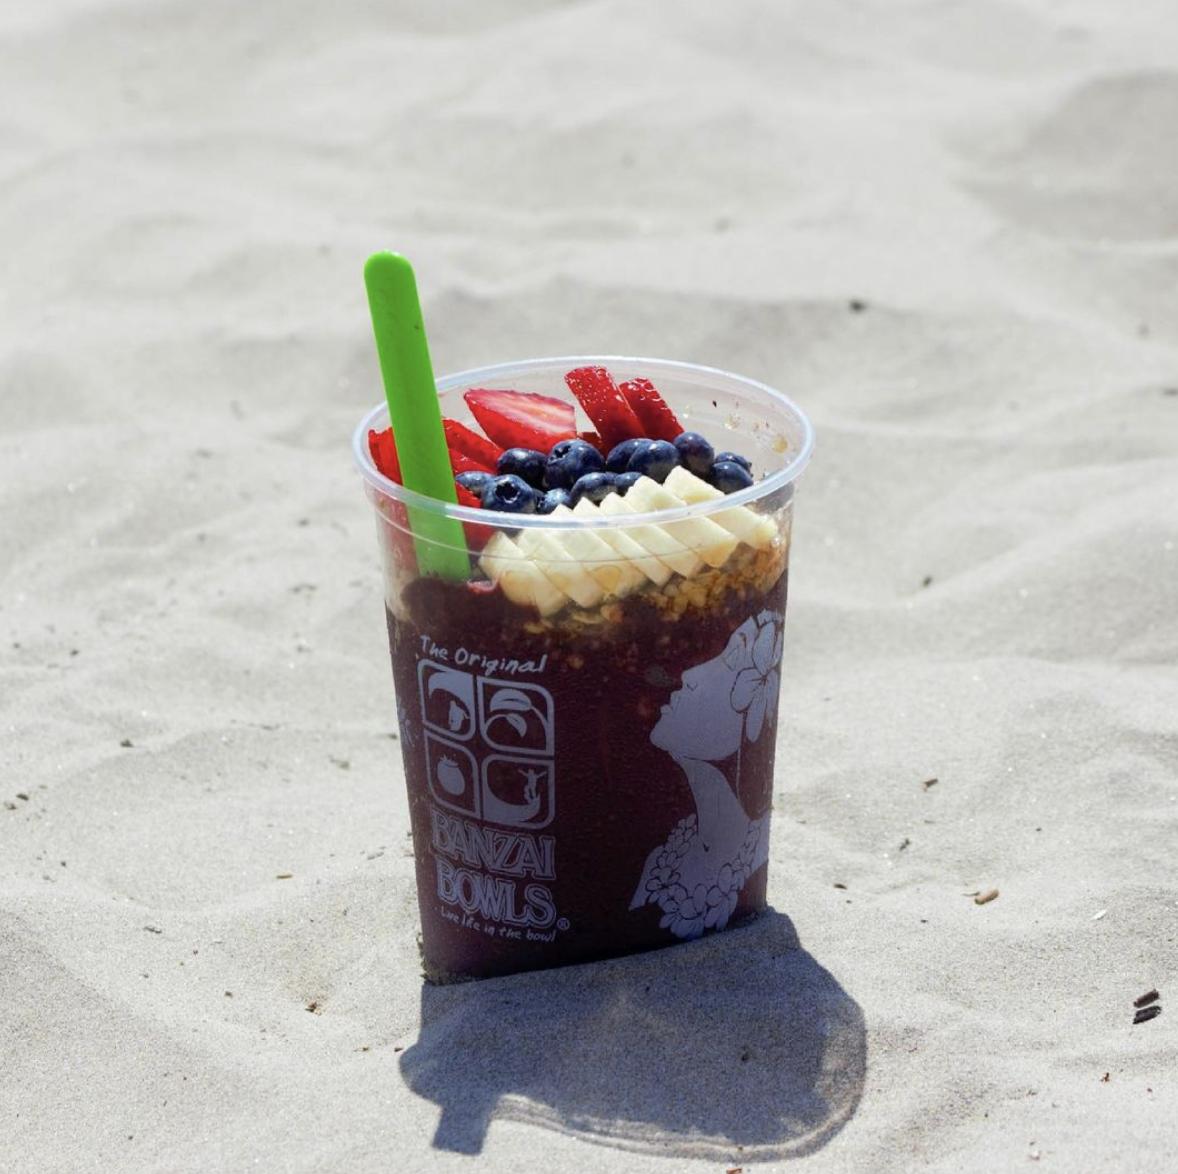 Banzai Bowl acai bowl in the beach sand